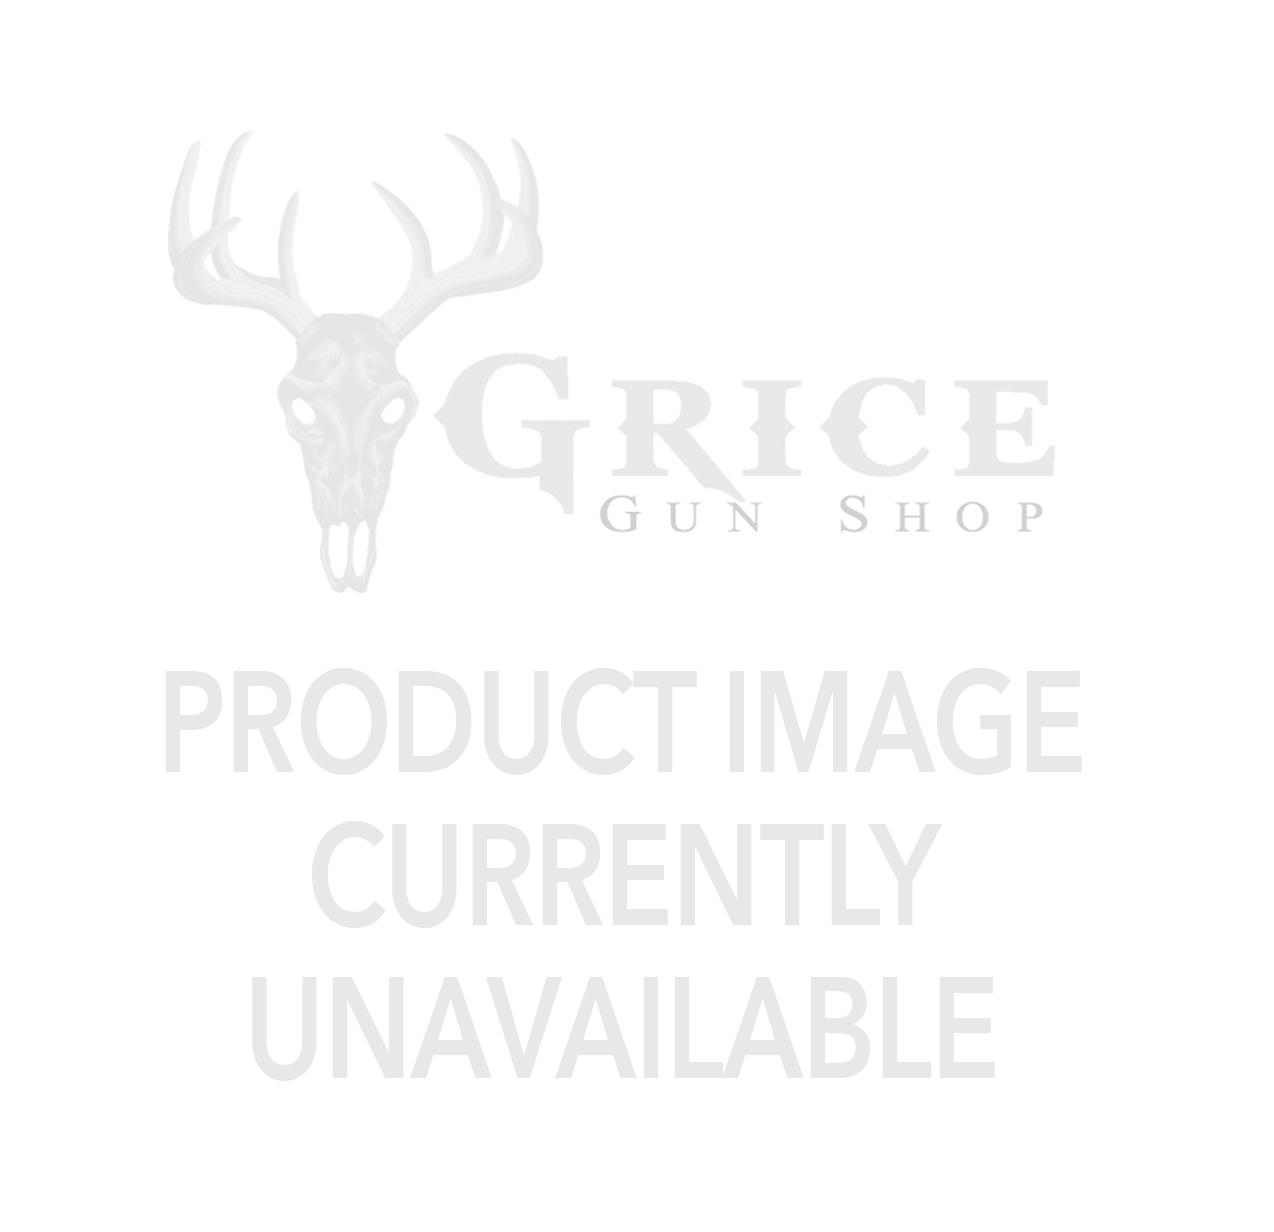 Hornady - Varmint Express 6mm Creedmoor 87gr V-Max 20rd